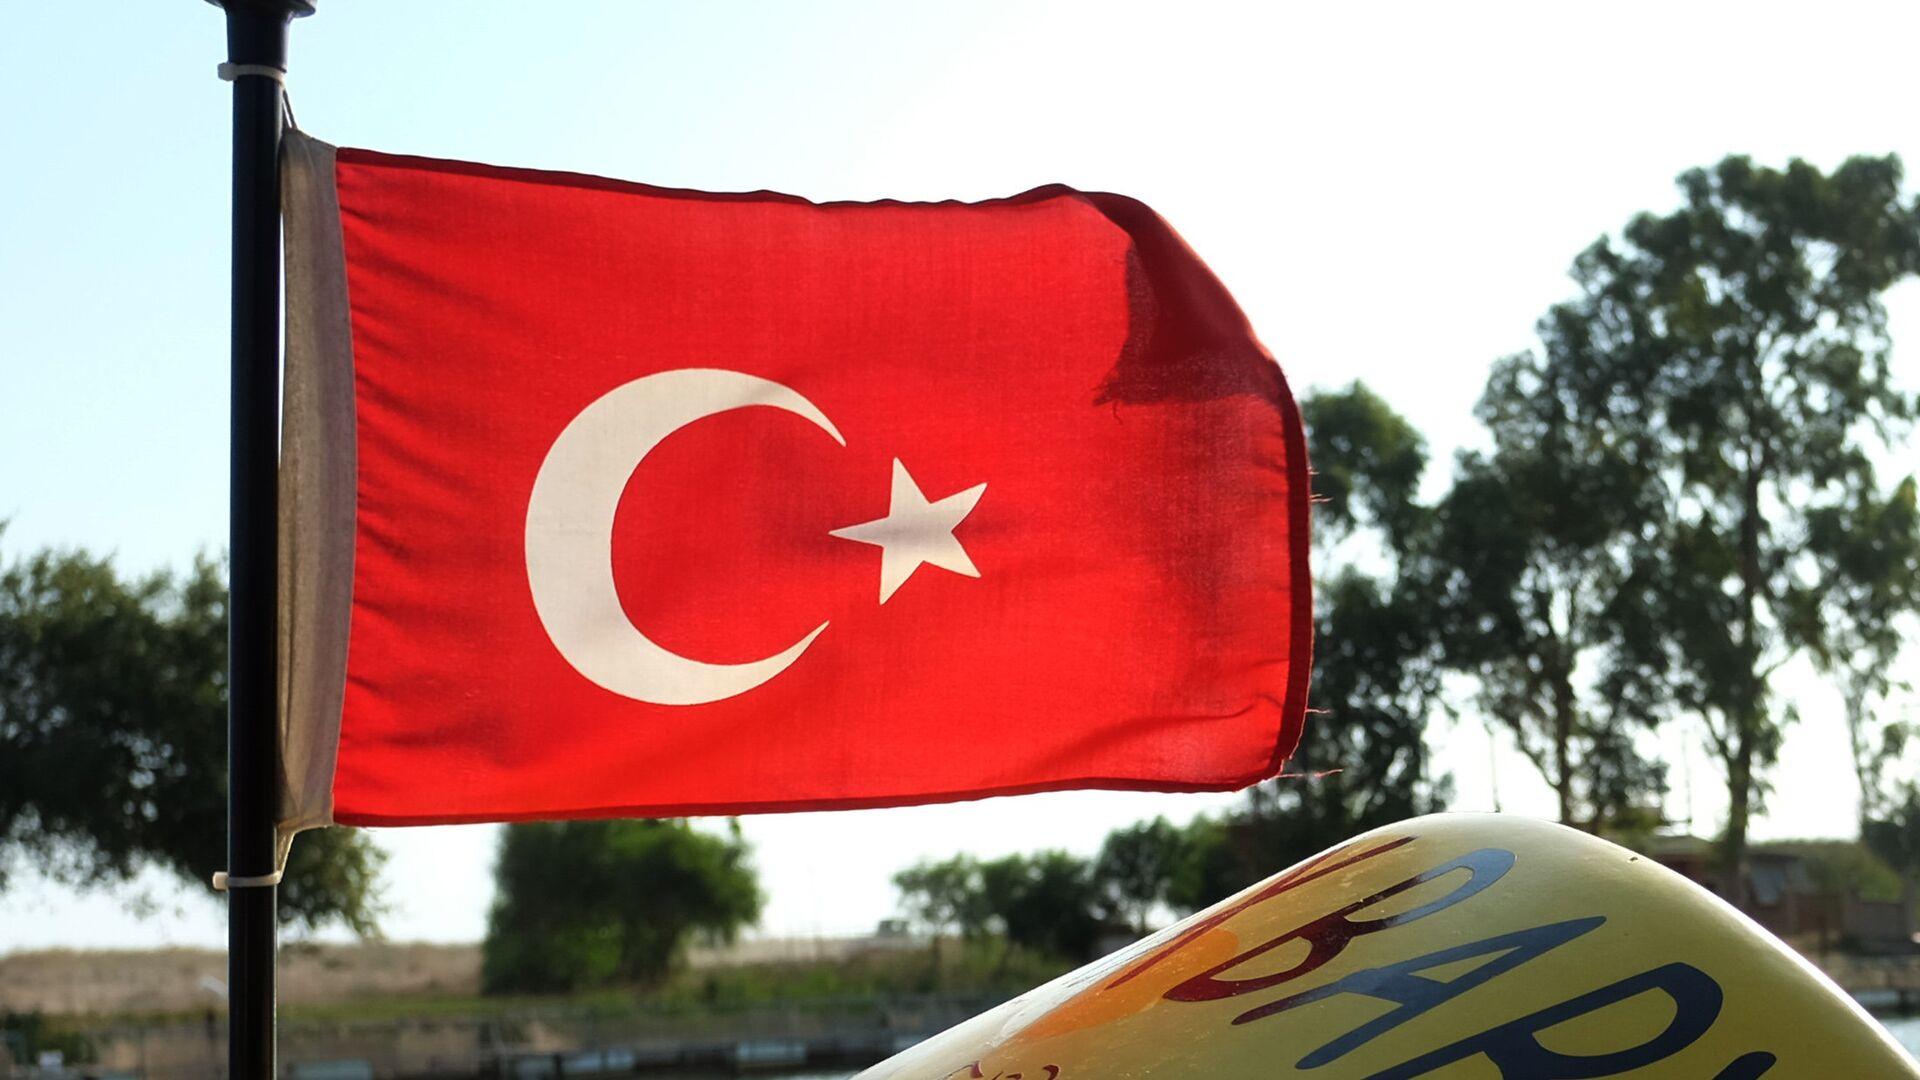 Флаг Турции на катере в Анталье - РИА Новости, 1920, 08.12.2020